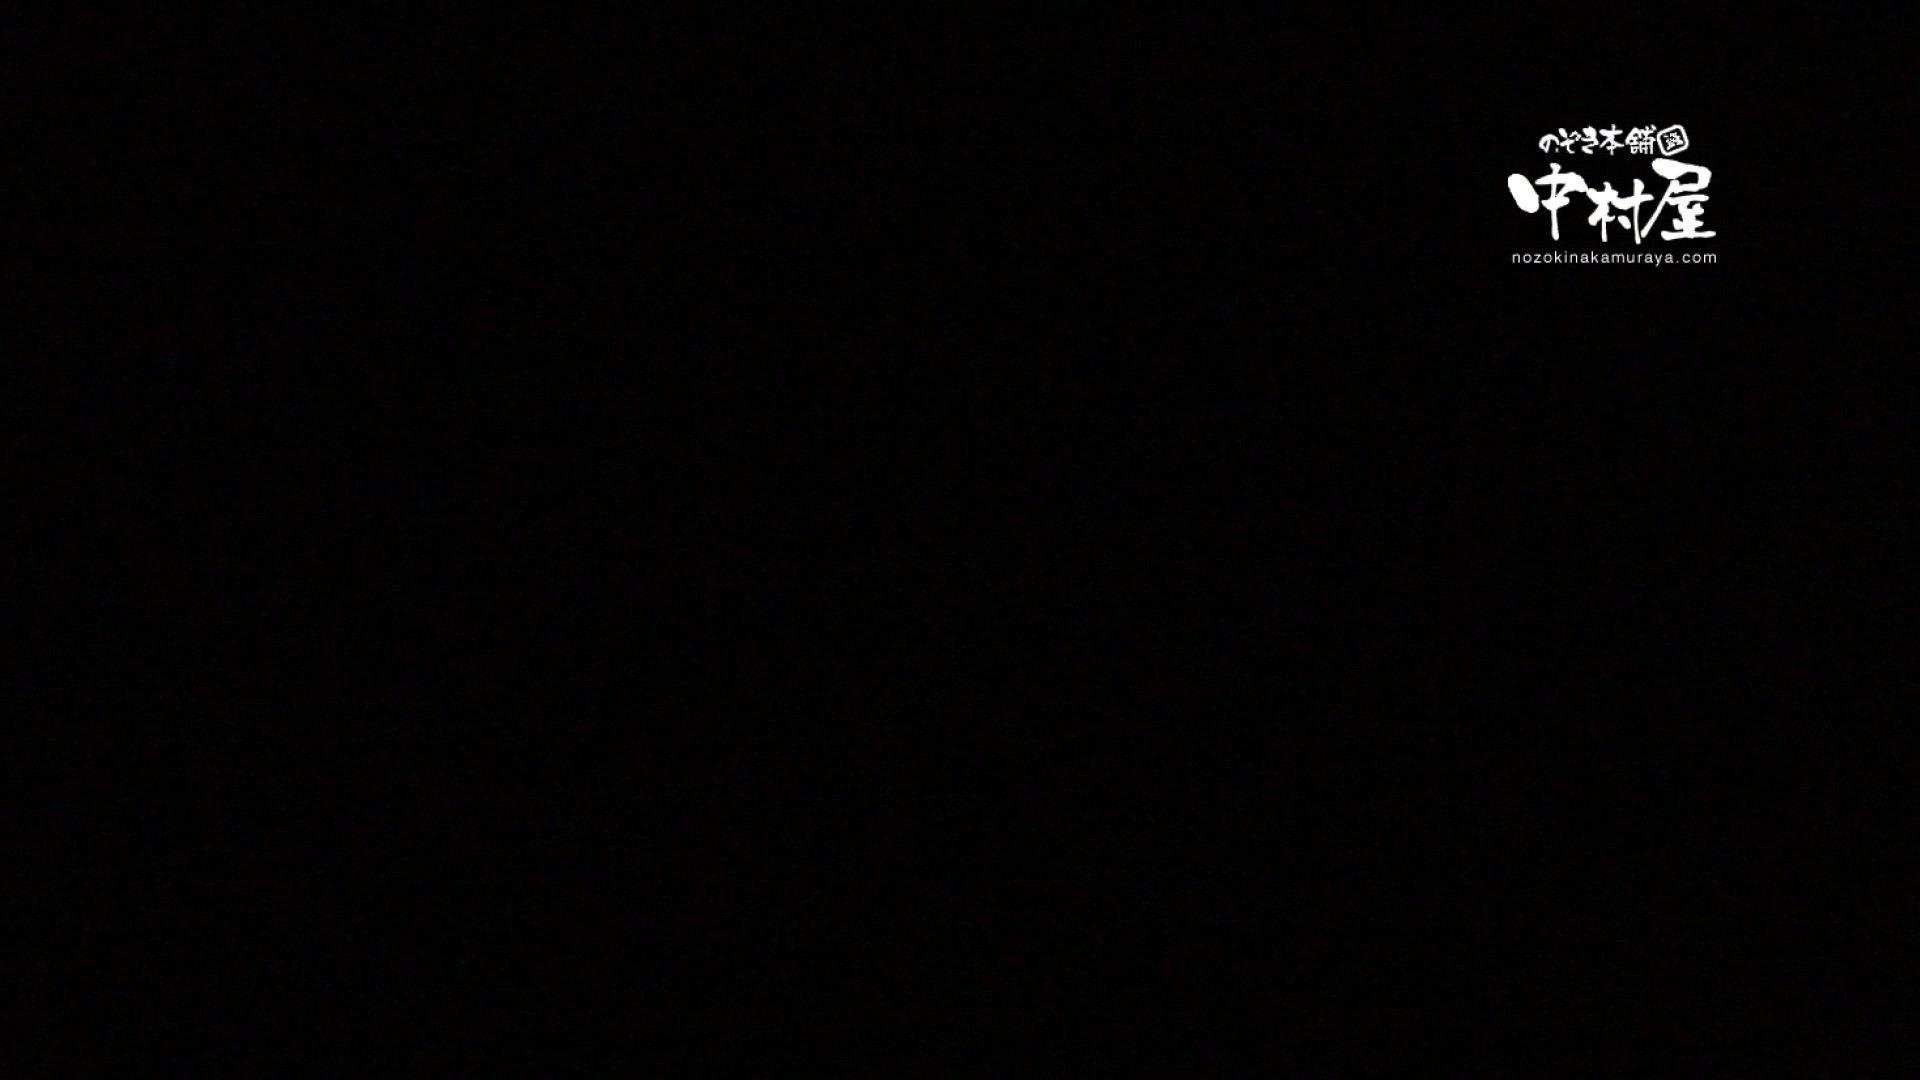 鬼畜 vol.09 無慈悲!中出し爆乳! 後編 中出し 盗撮おめこ無修正動画無料 95画像 22